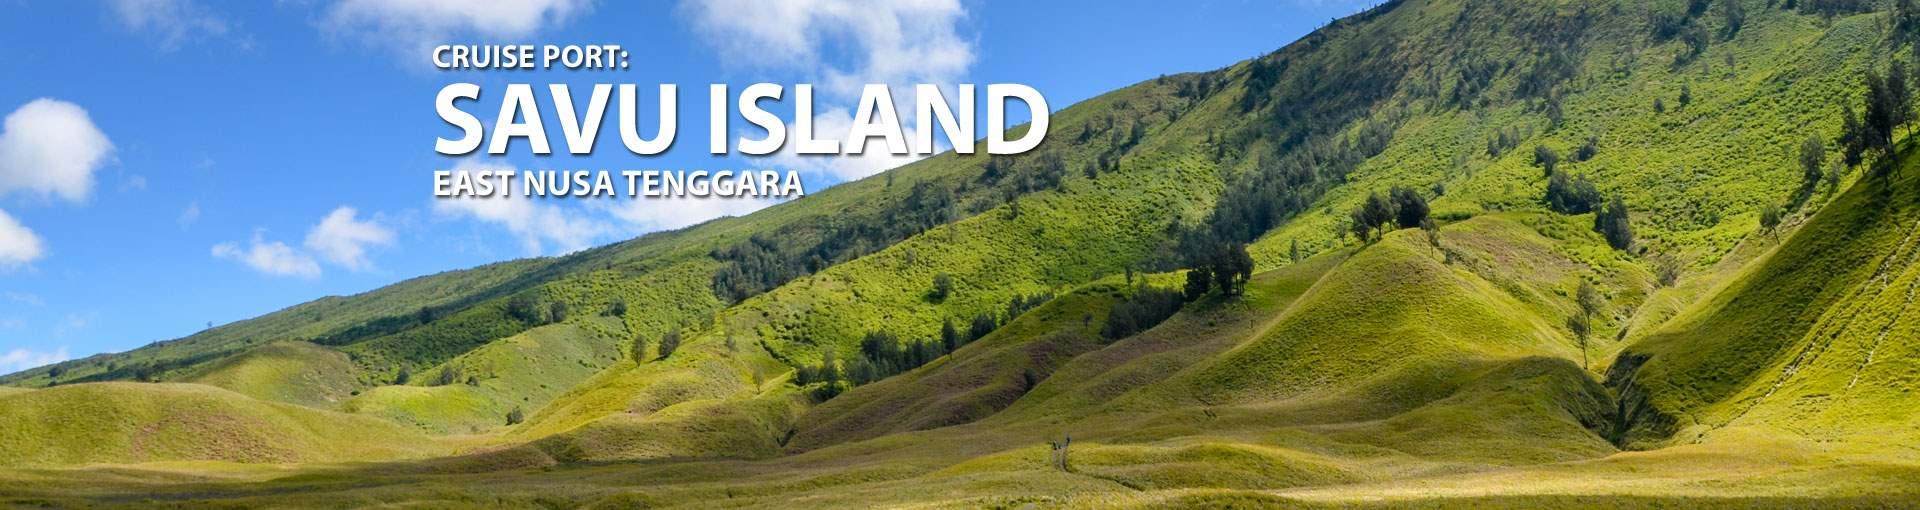 Cruises to Savu Island, East Nusa Tenggara